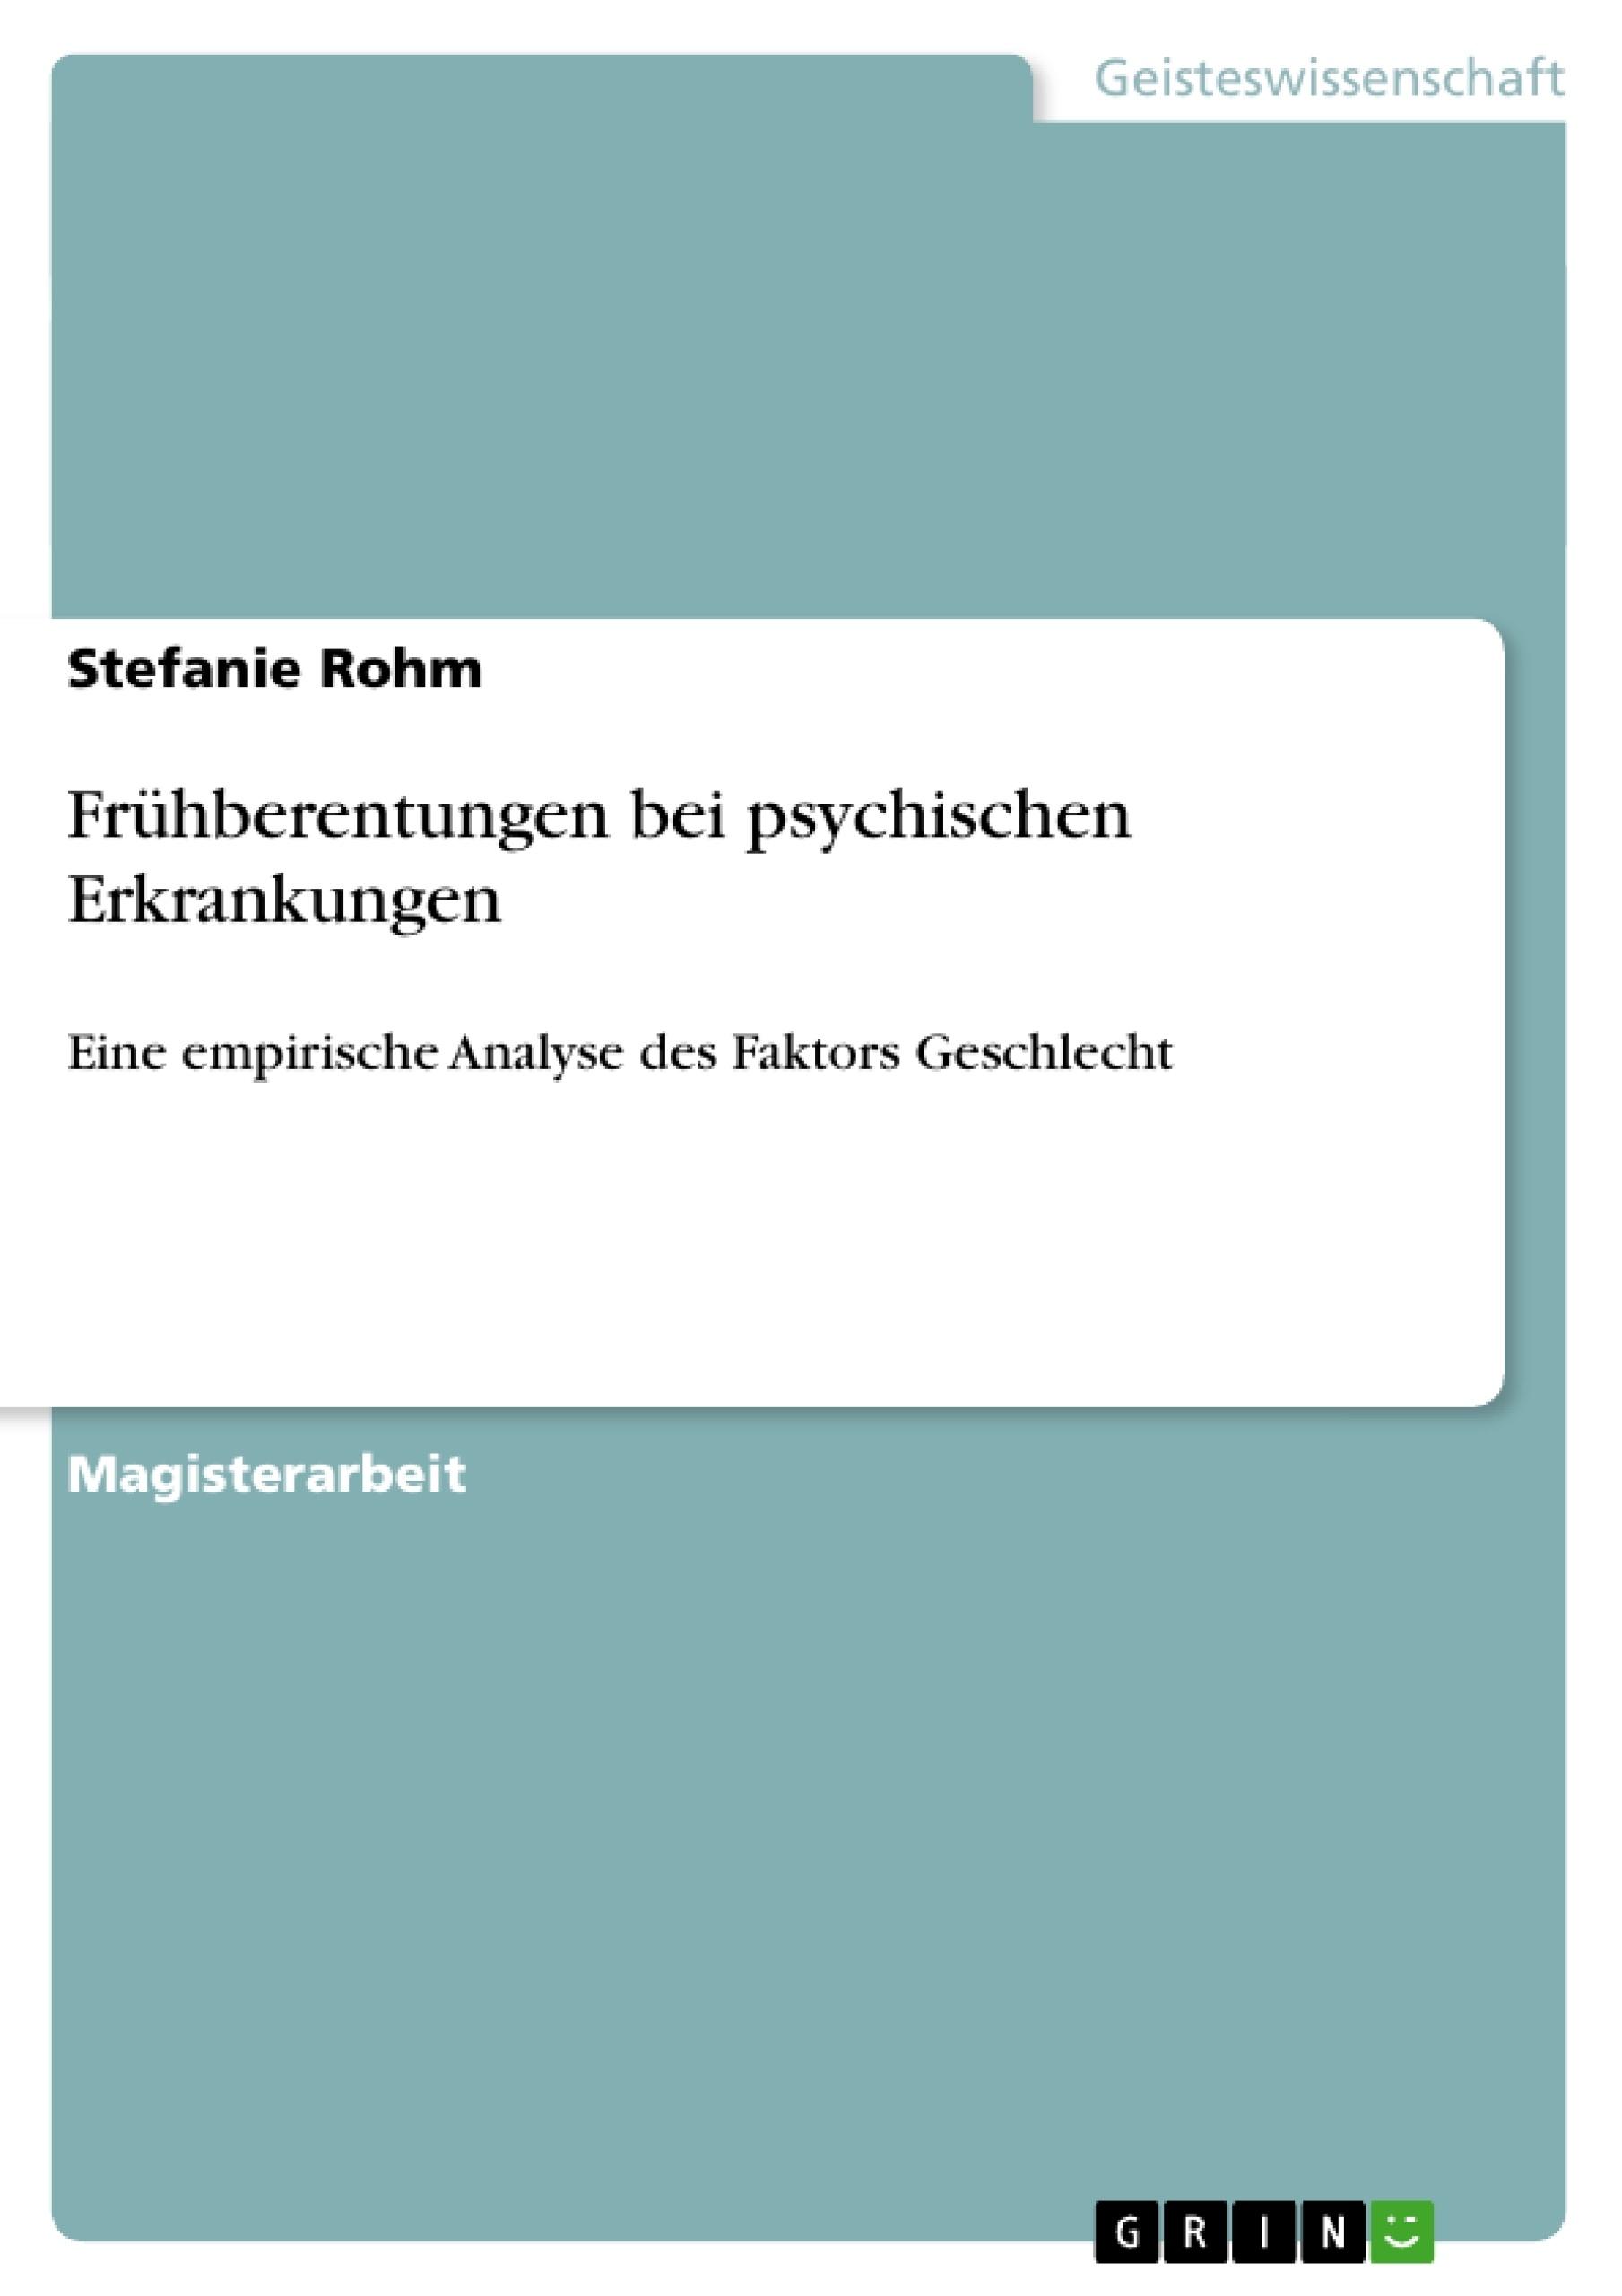 Titel: Frühberentungen bei psychischen Erkrankungen